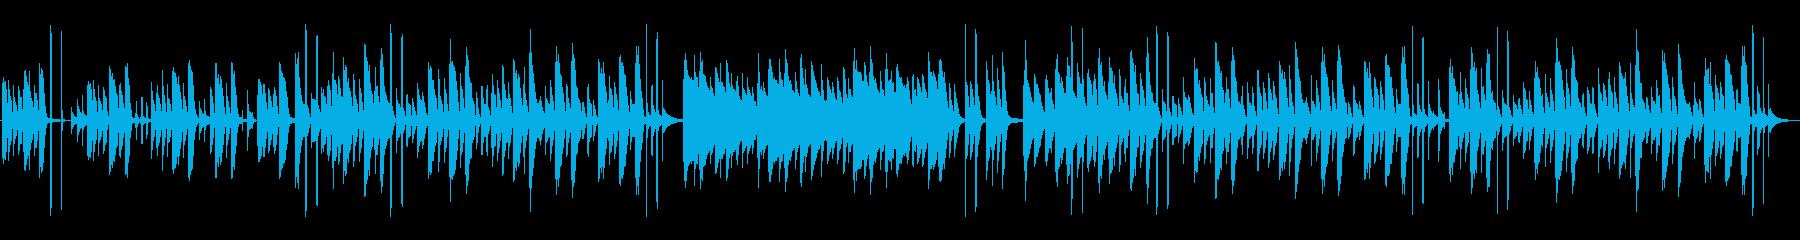 クリーン&モダン、メディアで流行のBGMの再生済みの波形